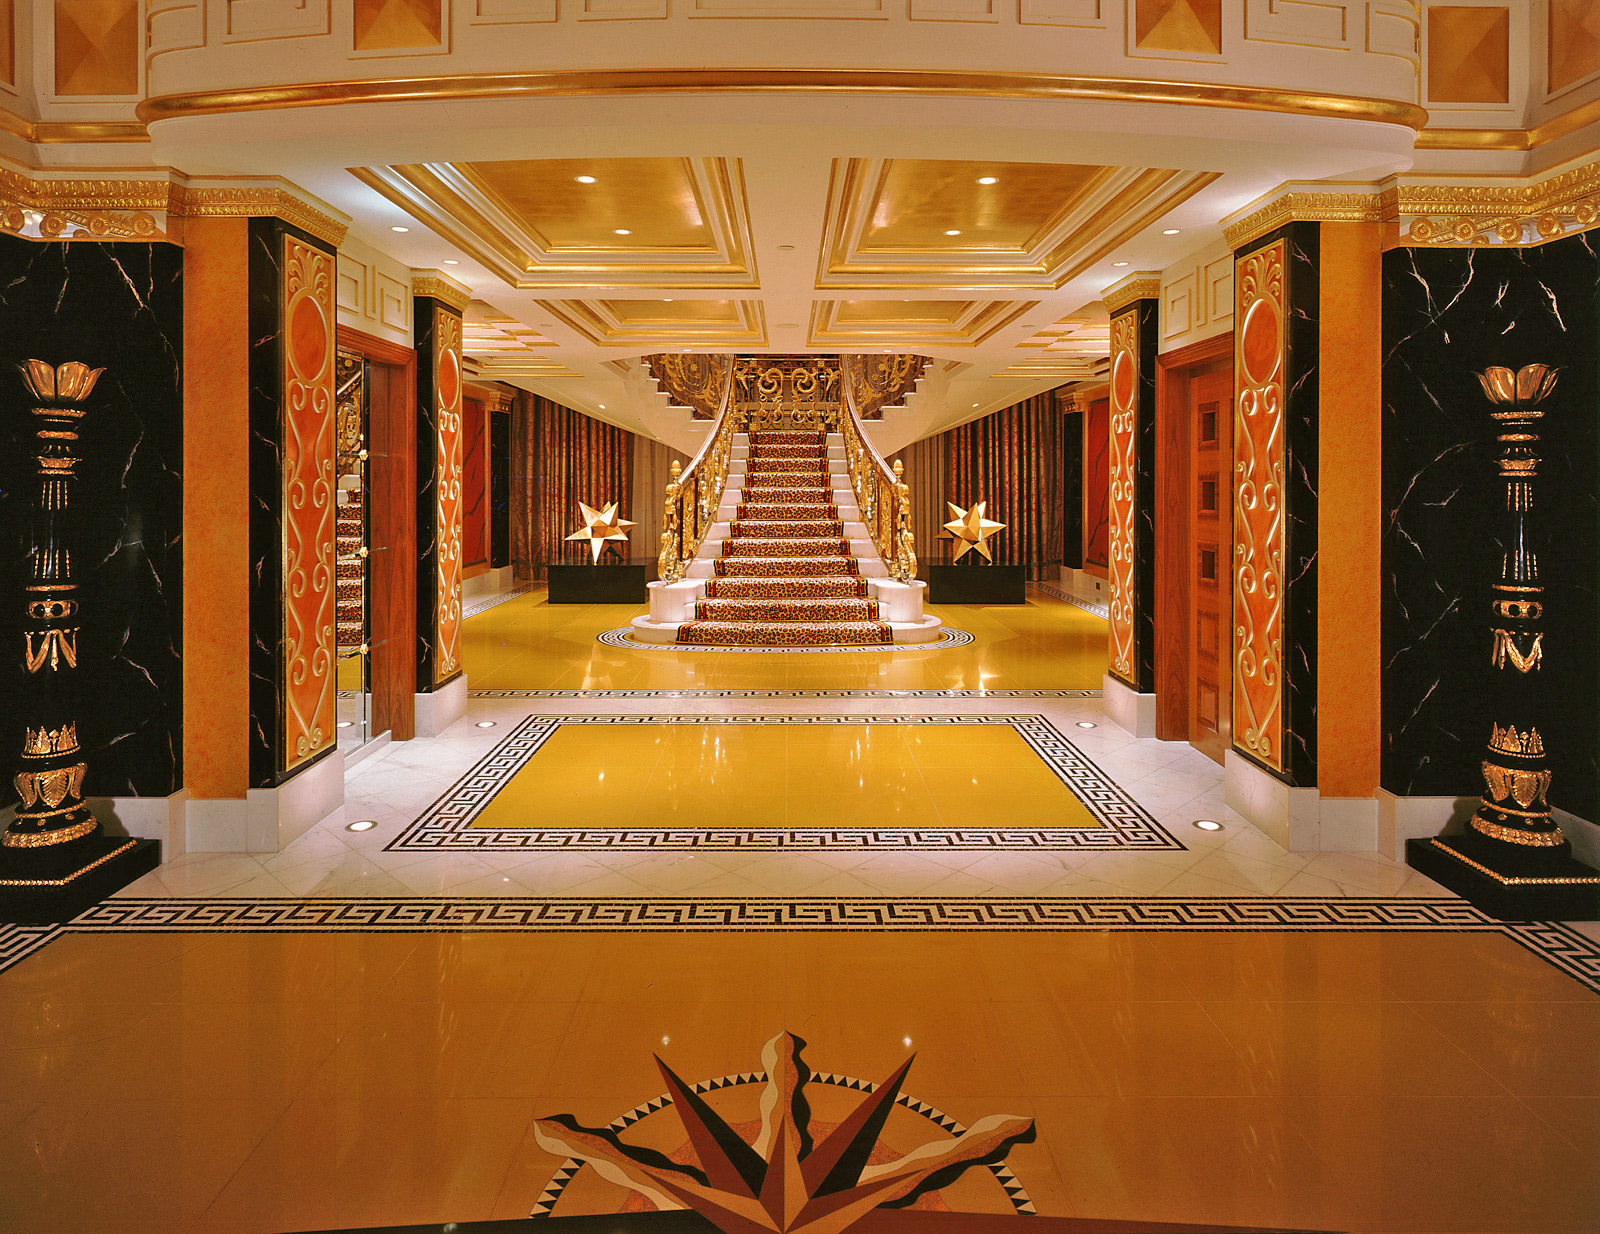 Burj Al Arab Hotel Uae Wallpapers Hd Quality Photos